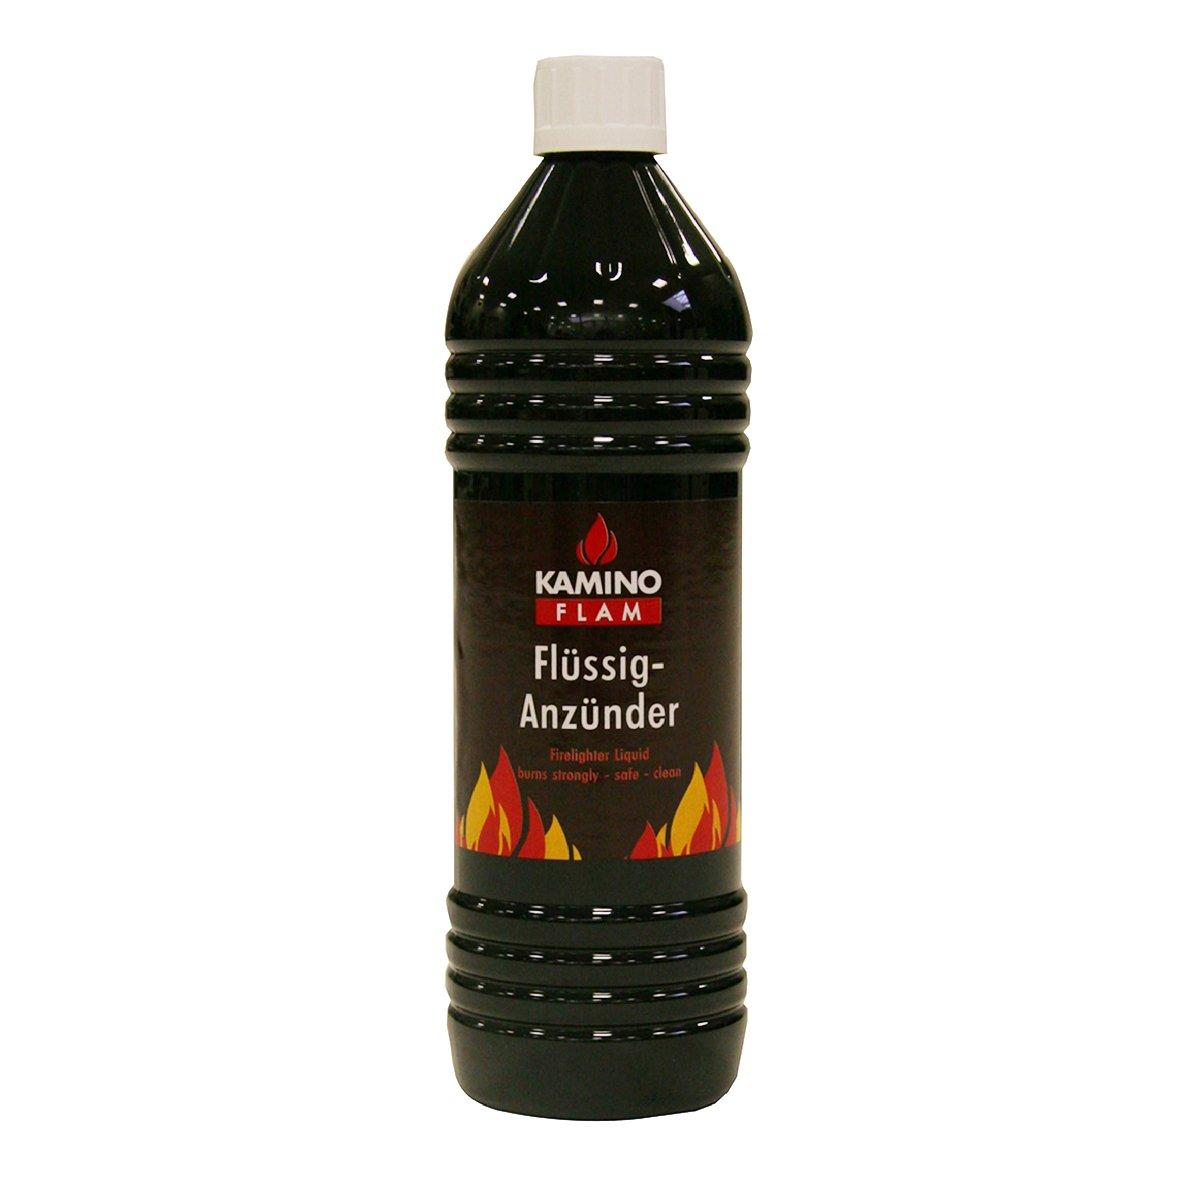 Kamino-Flam 333515 Accendifuoco Liquido, Grigio, 1 Litro Kamino - Flam